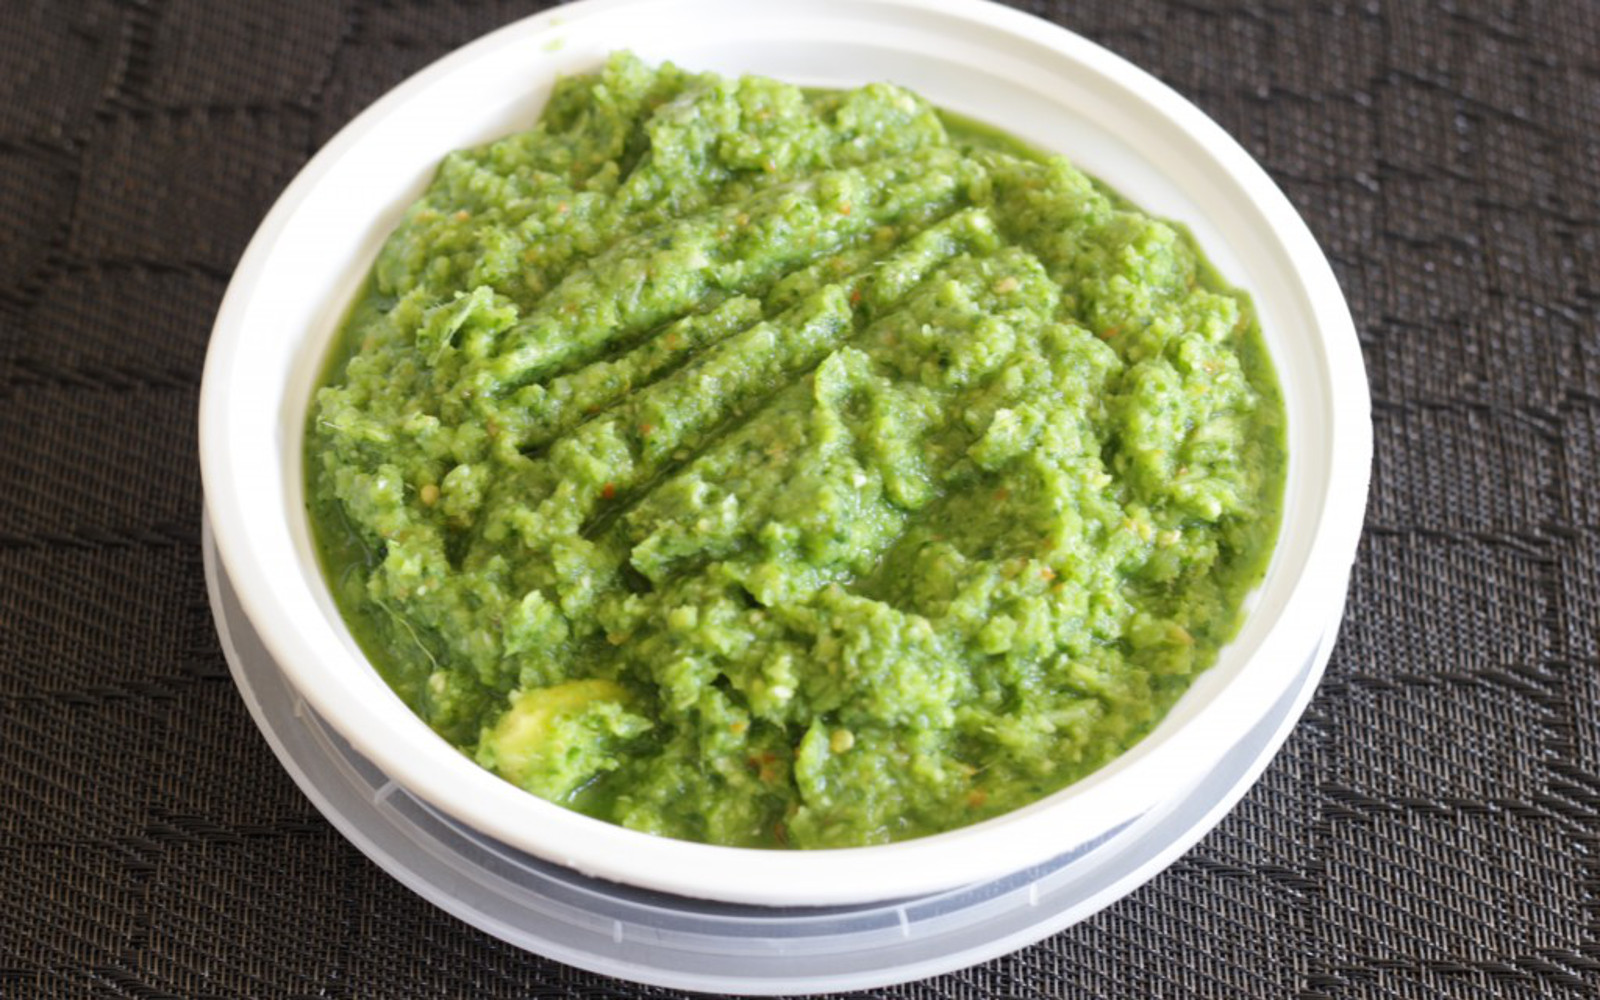 Caribbean Green Seasoning Paste